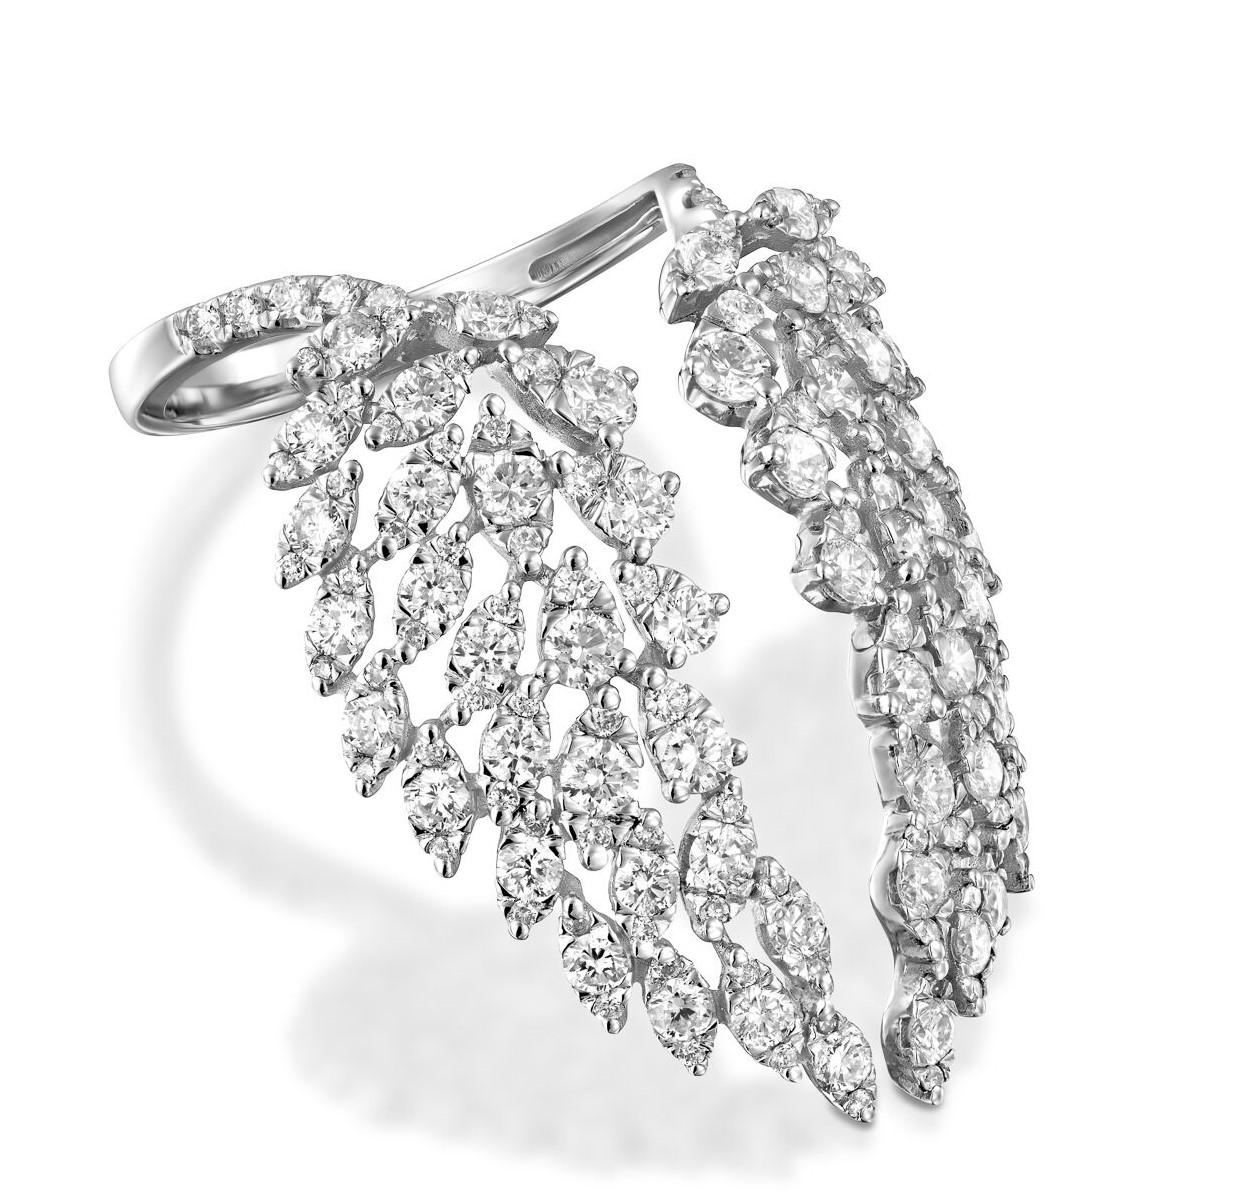 Кольцо с бриллиантами 193487